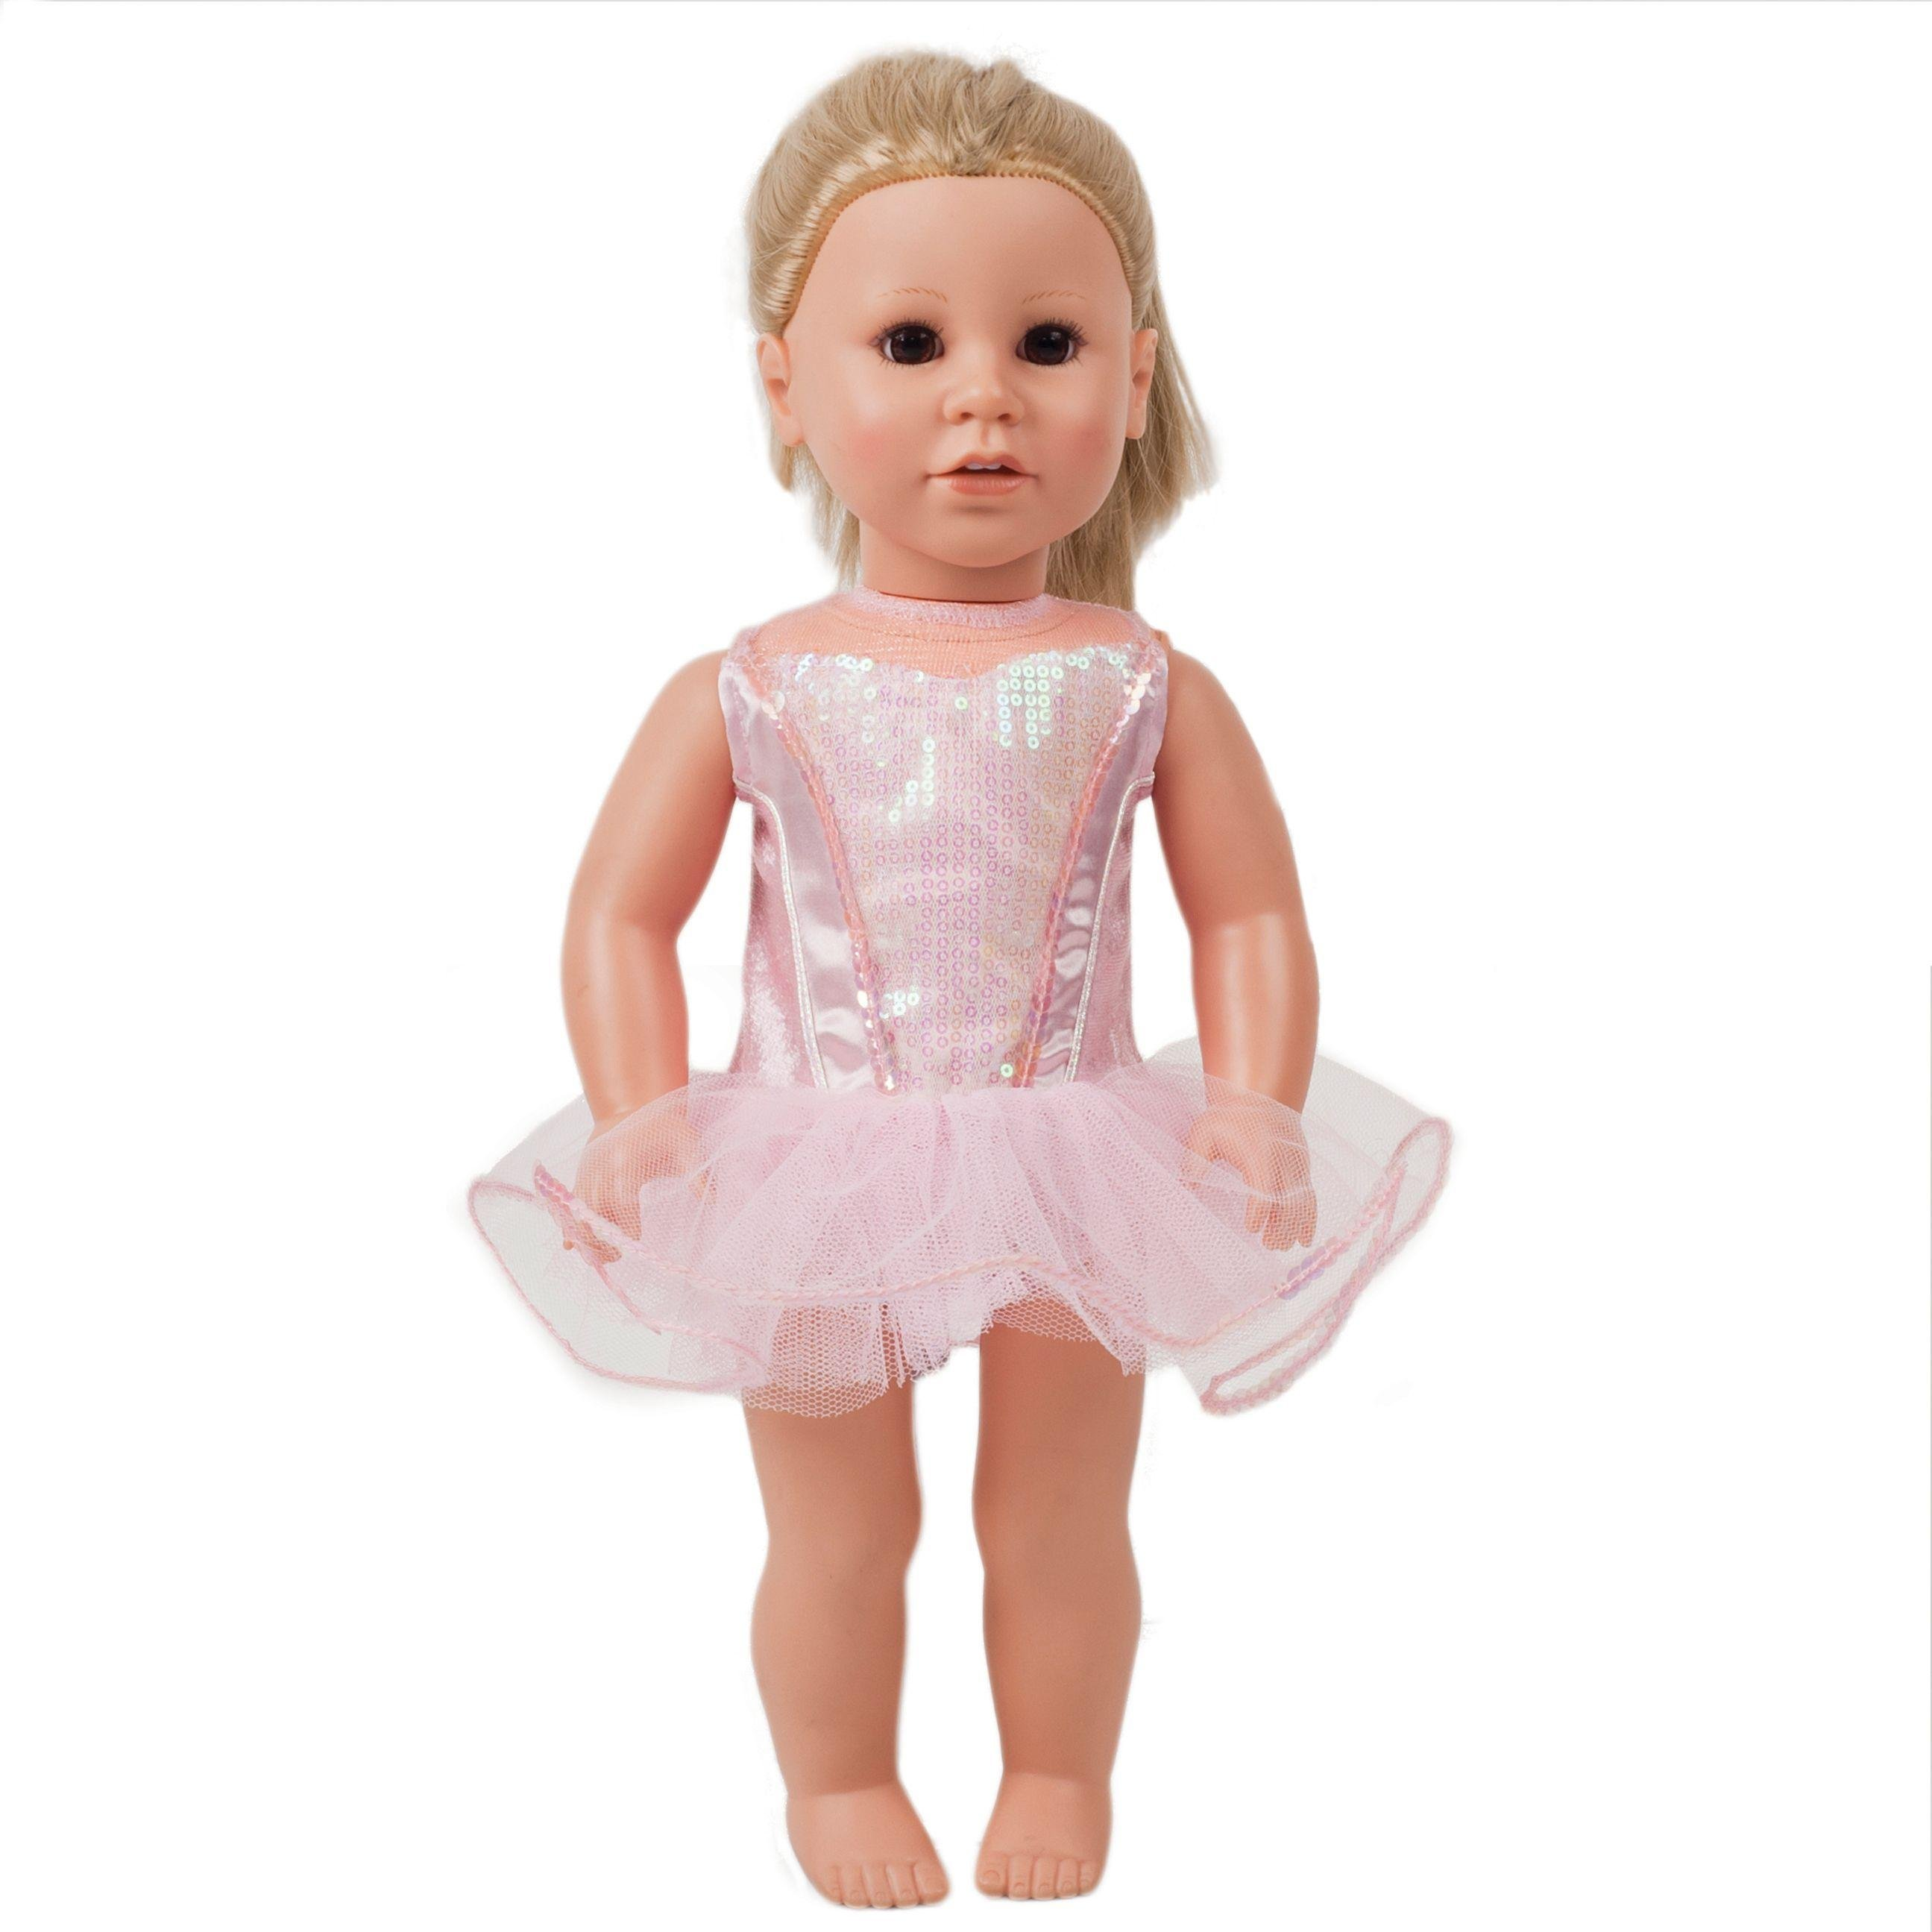 Ballerina Doll's Costume - 40-51cm